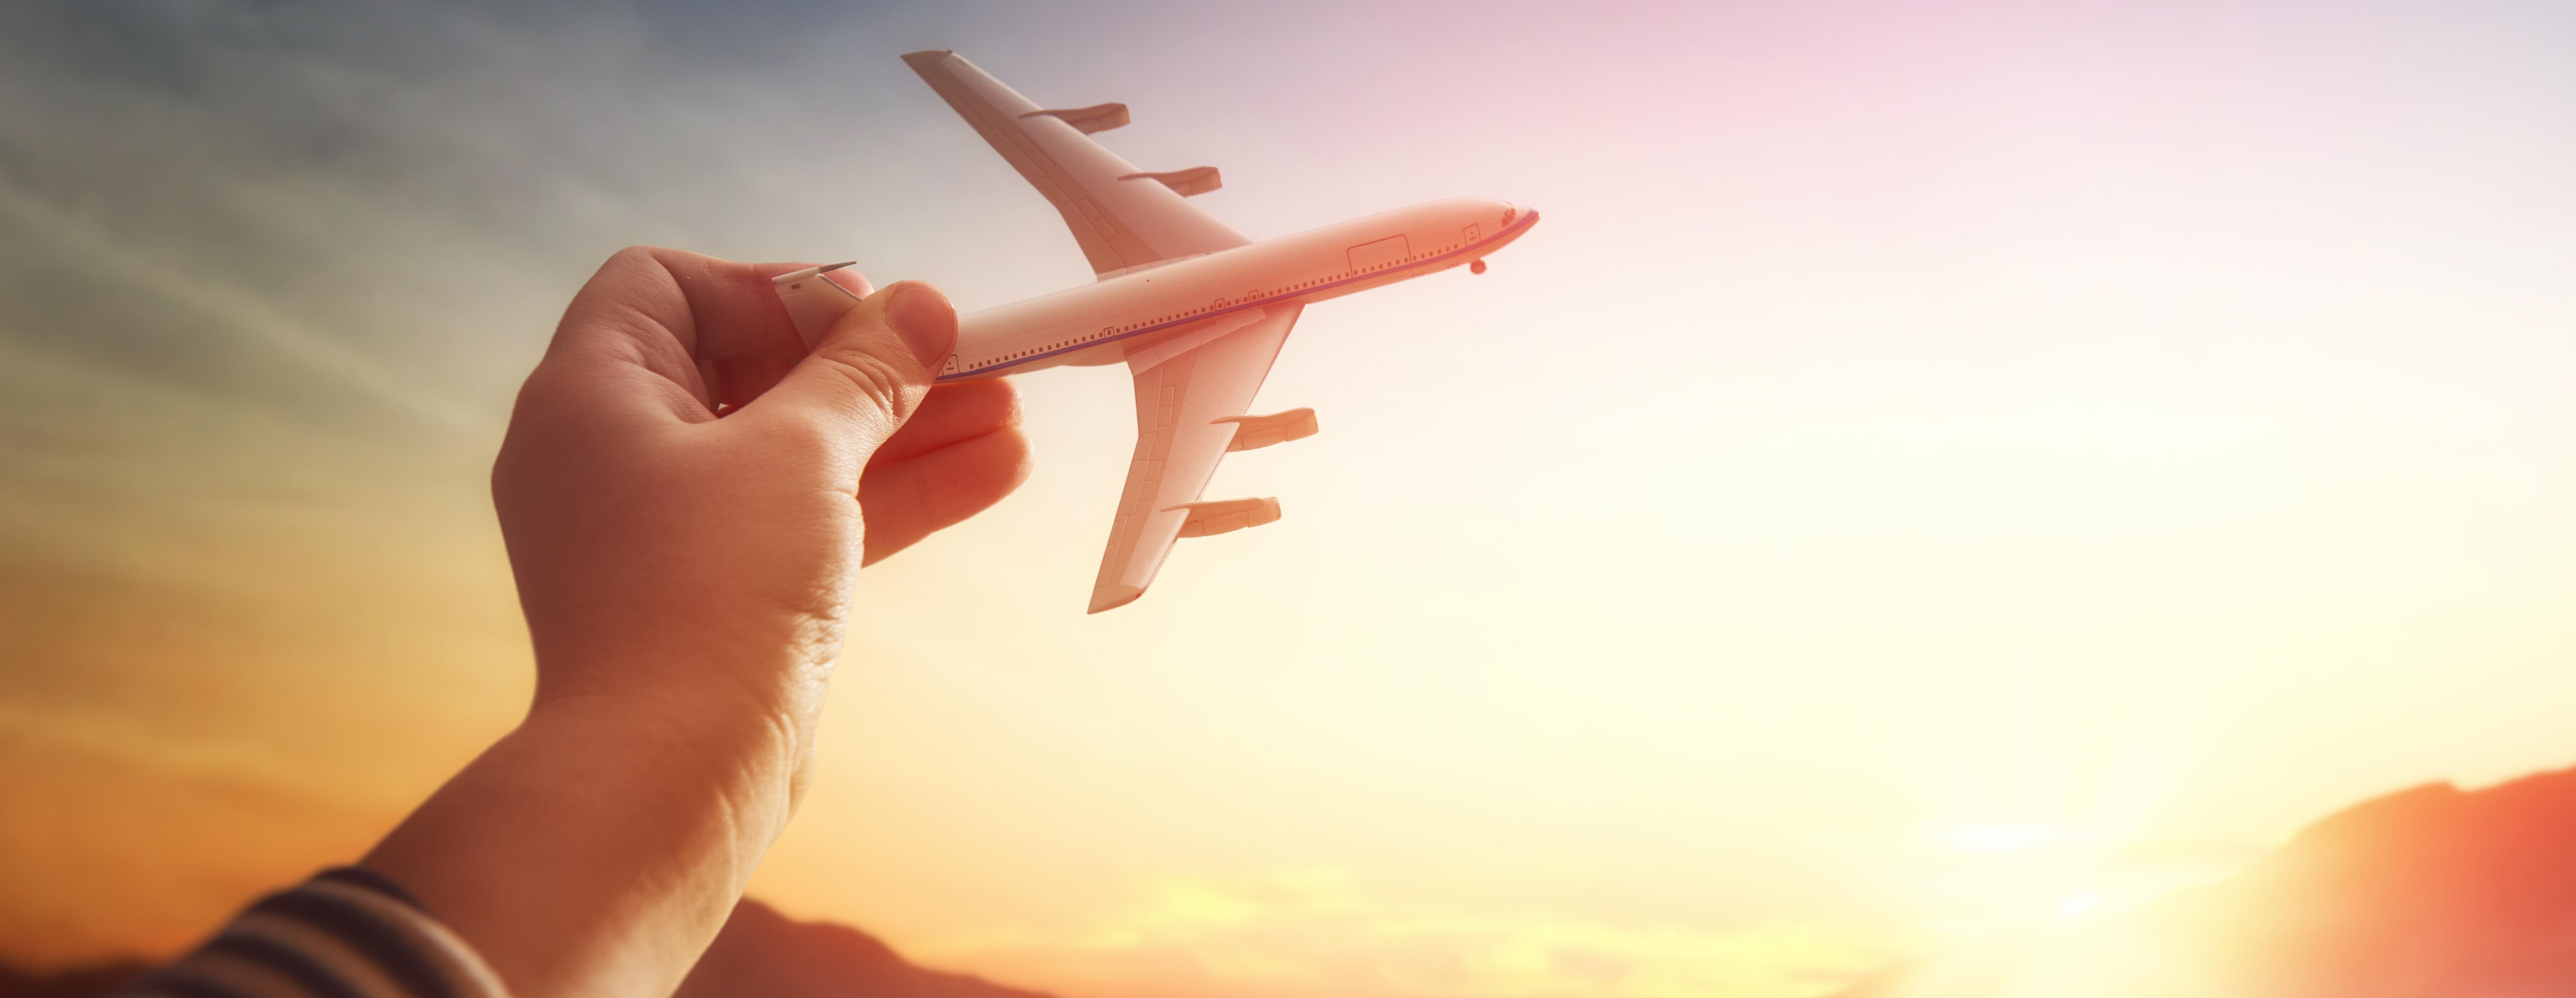 Voxel Group y la fintech Kantox se alían para impulsar los pagos B2B en la industria turística